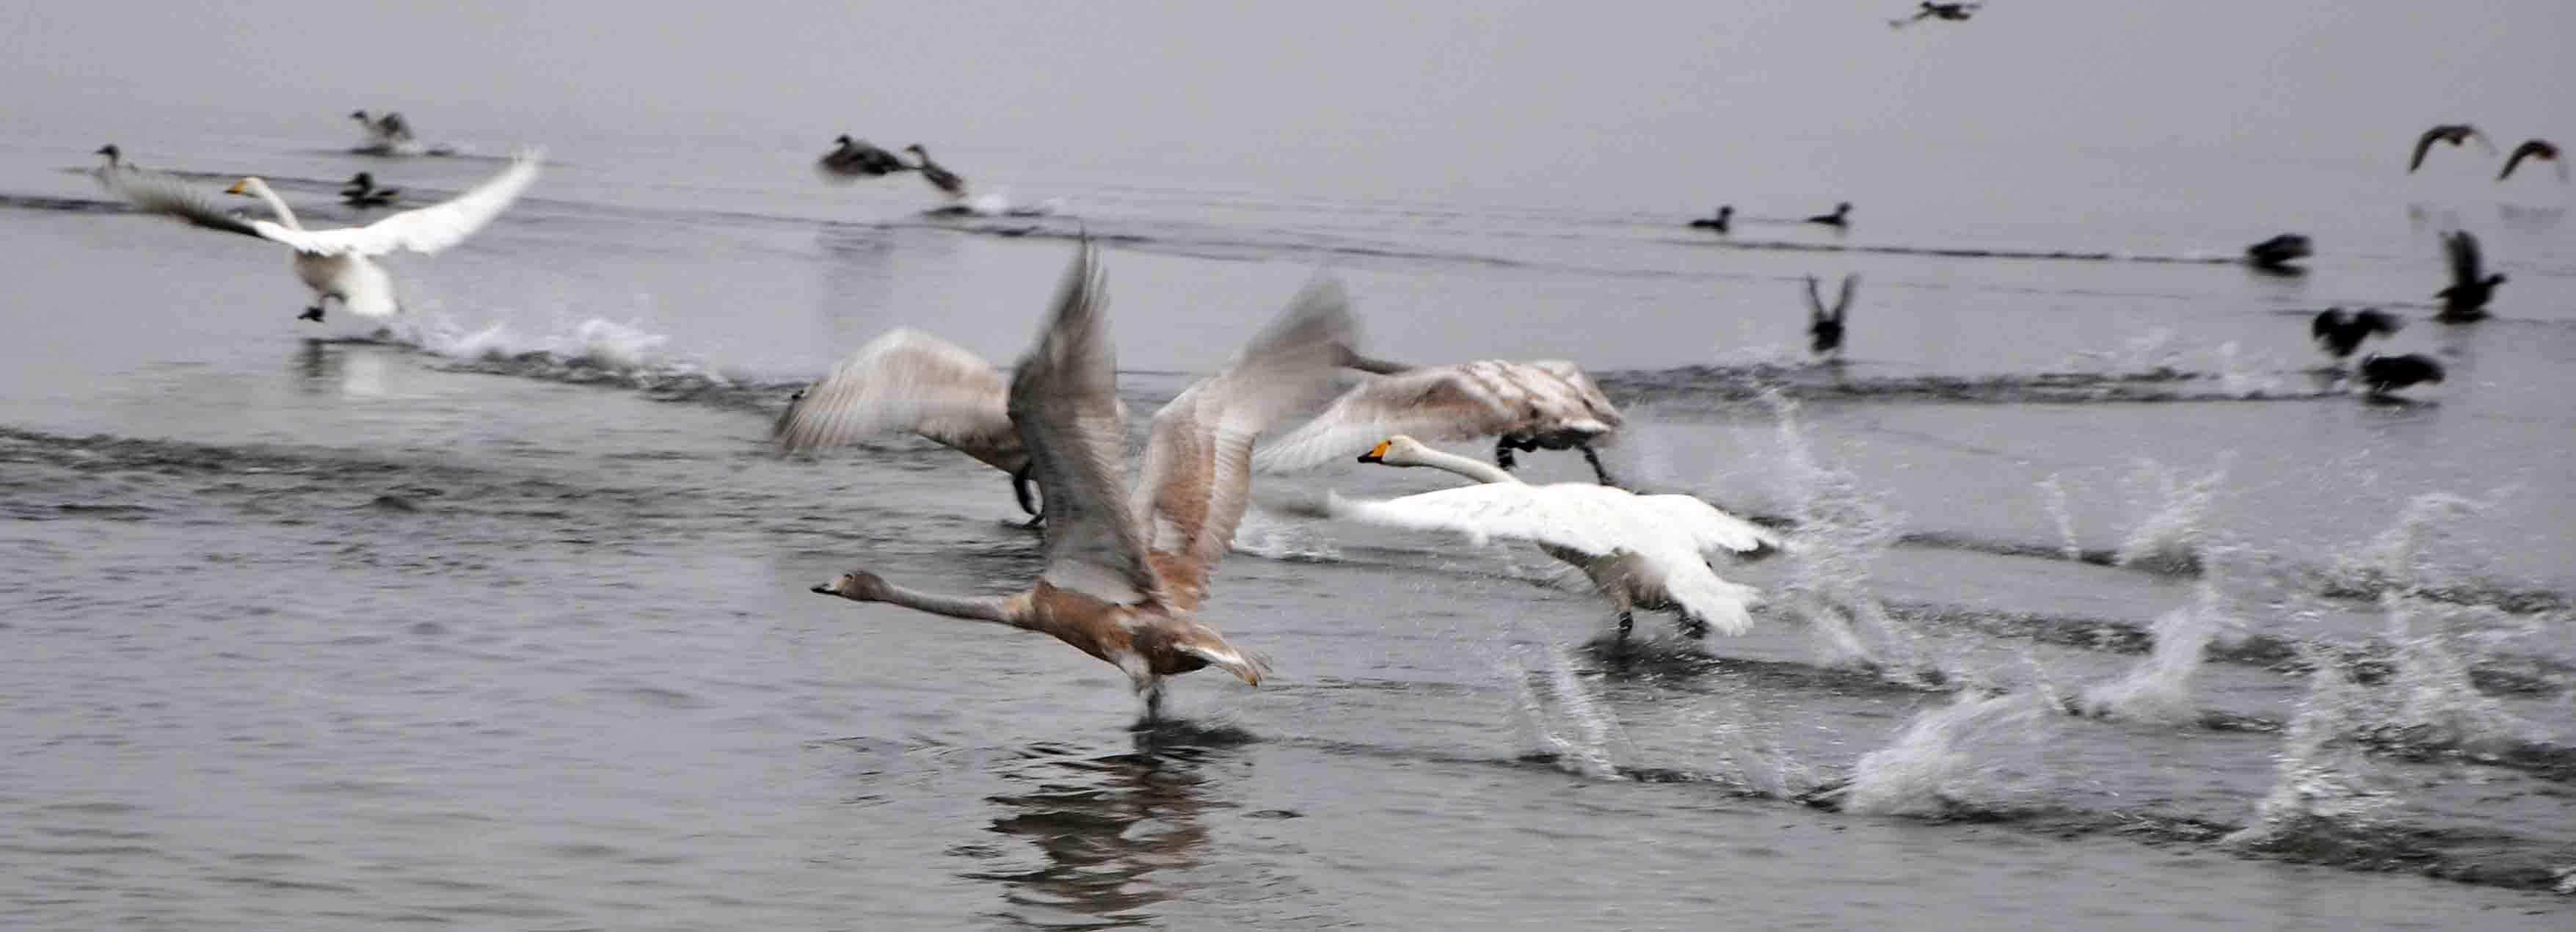 Žuvinto biosferos rezervato ir Metelių regioninio parko prieigose 400 kV elektros energijos perdavimo linija LitPol Link kerta daugiau nei 25 Berno konvencijos saugomų paukščių rūšių buveines ir migracijos takus. Kartu su kitomis, sovietiniu laikotarpiu nevykusiai pastatytomis linijomis, ji daugelį dešimtmečių bus šių paukščių žudiku.Nuotraukoje- migruojančios gulbės giesmininkės | Rudaminos bendruomenės nuotr.